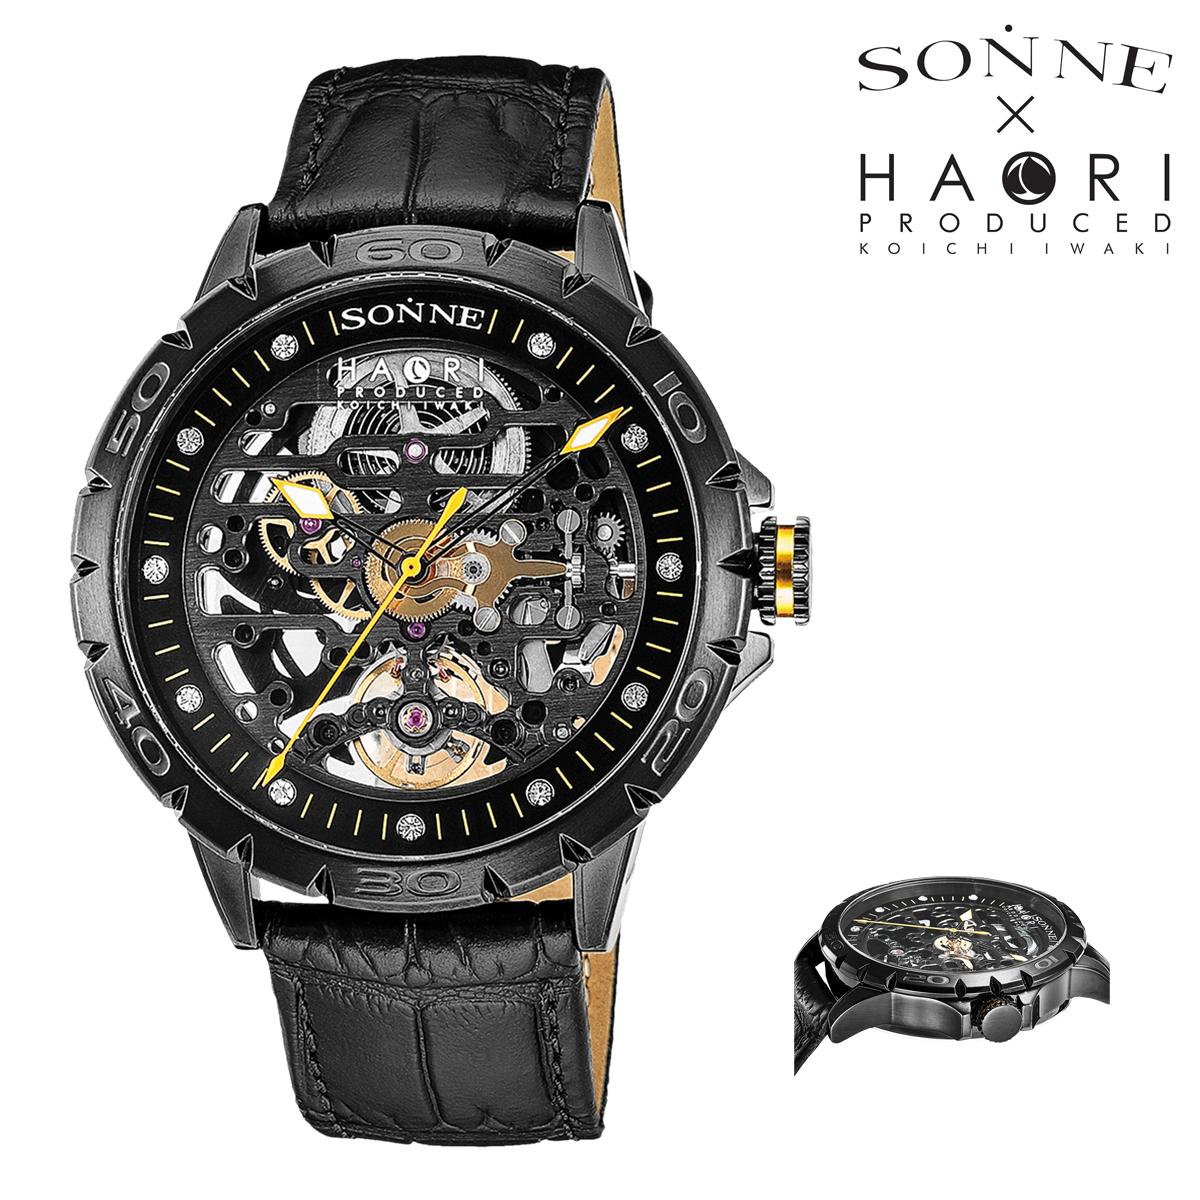 オリジナル ゾンネ 腕時計 44mm H023 H023BK-BK メンズ SONNE ステンレススチール ミネラルガラス 本革[PO10], お気に入り ef6961c3